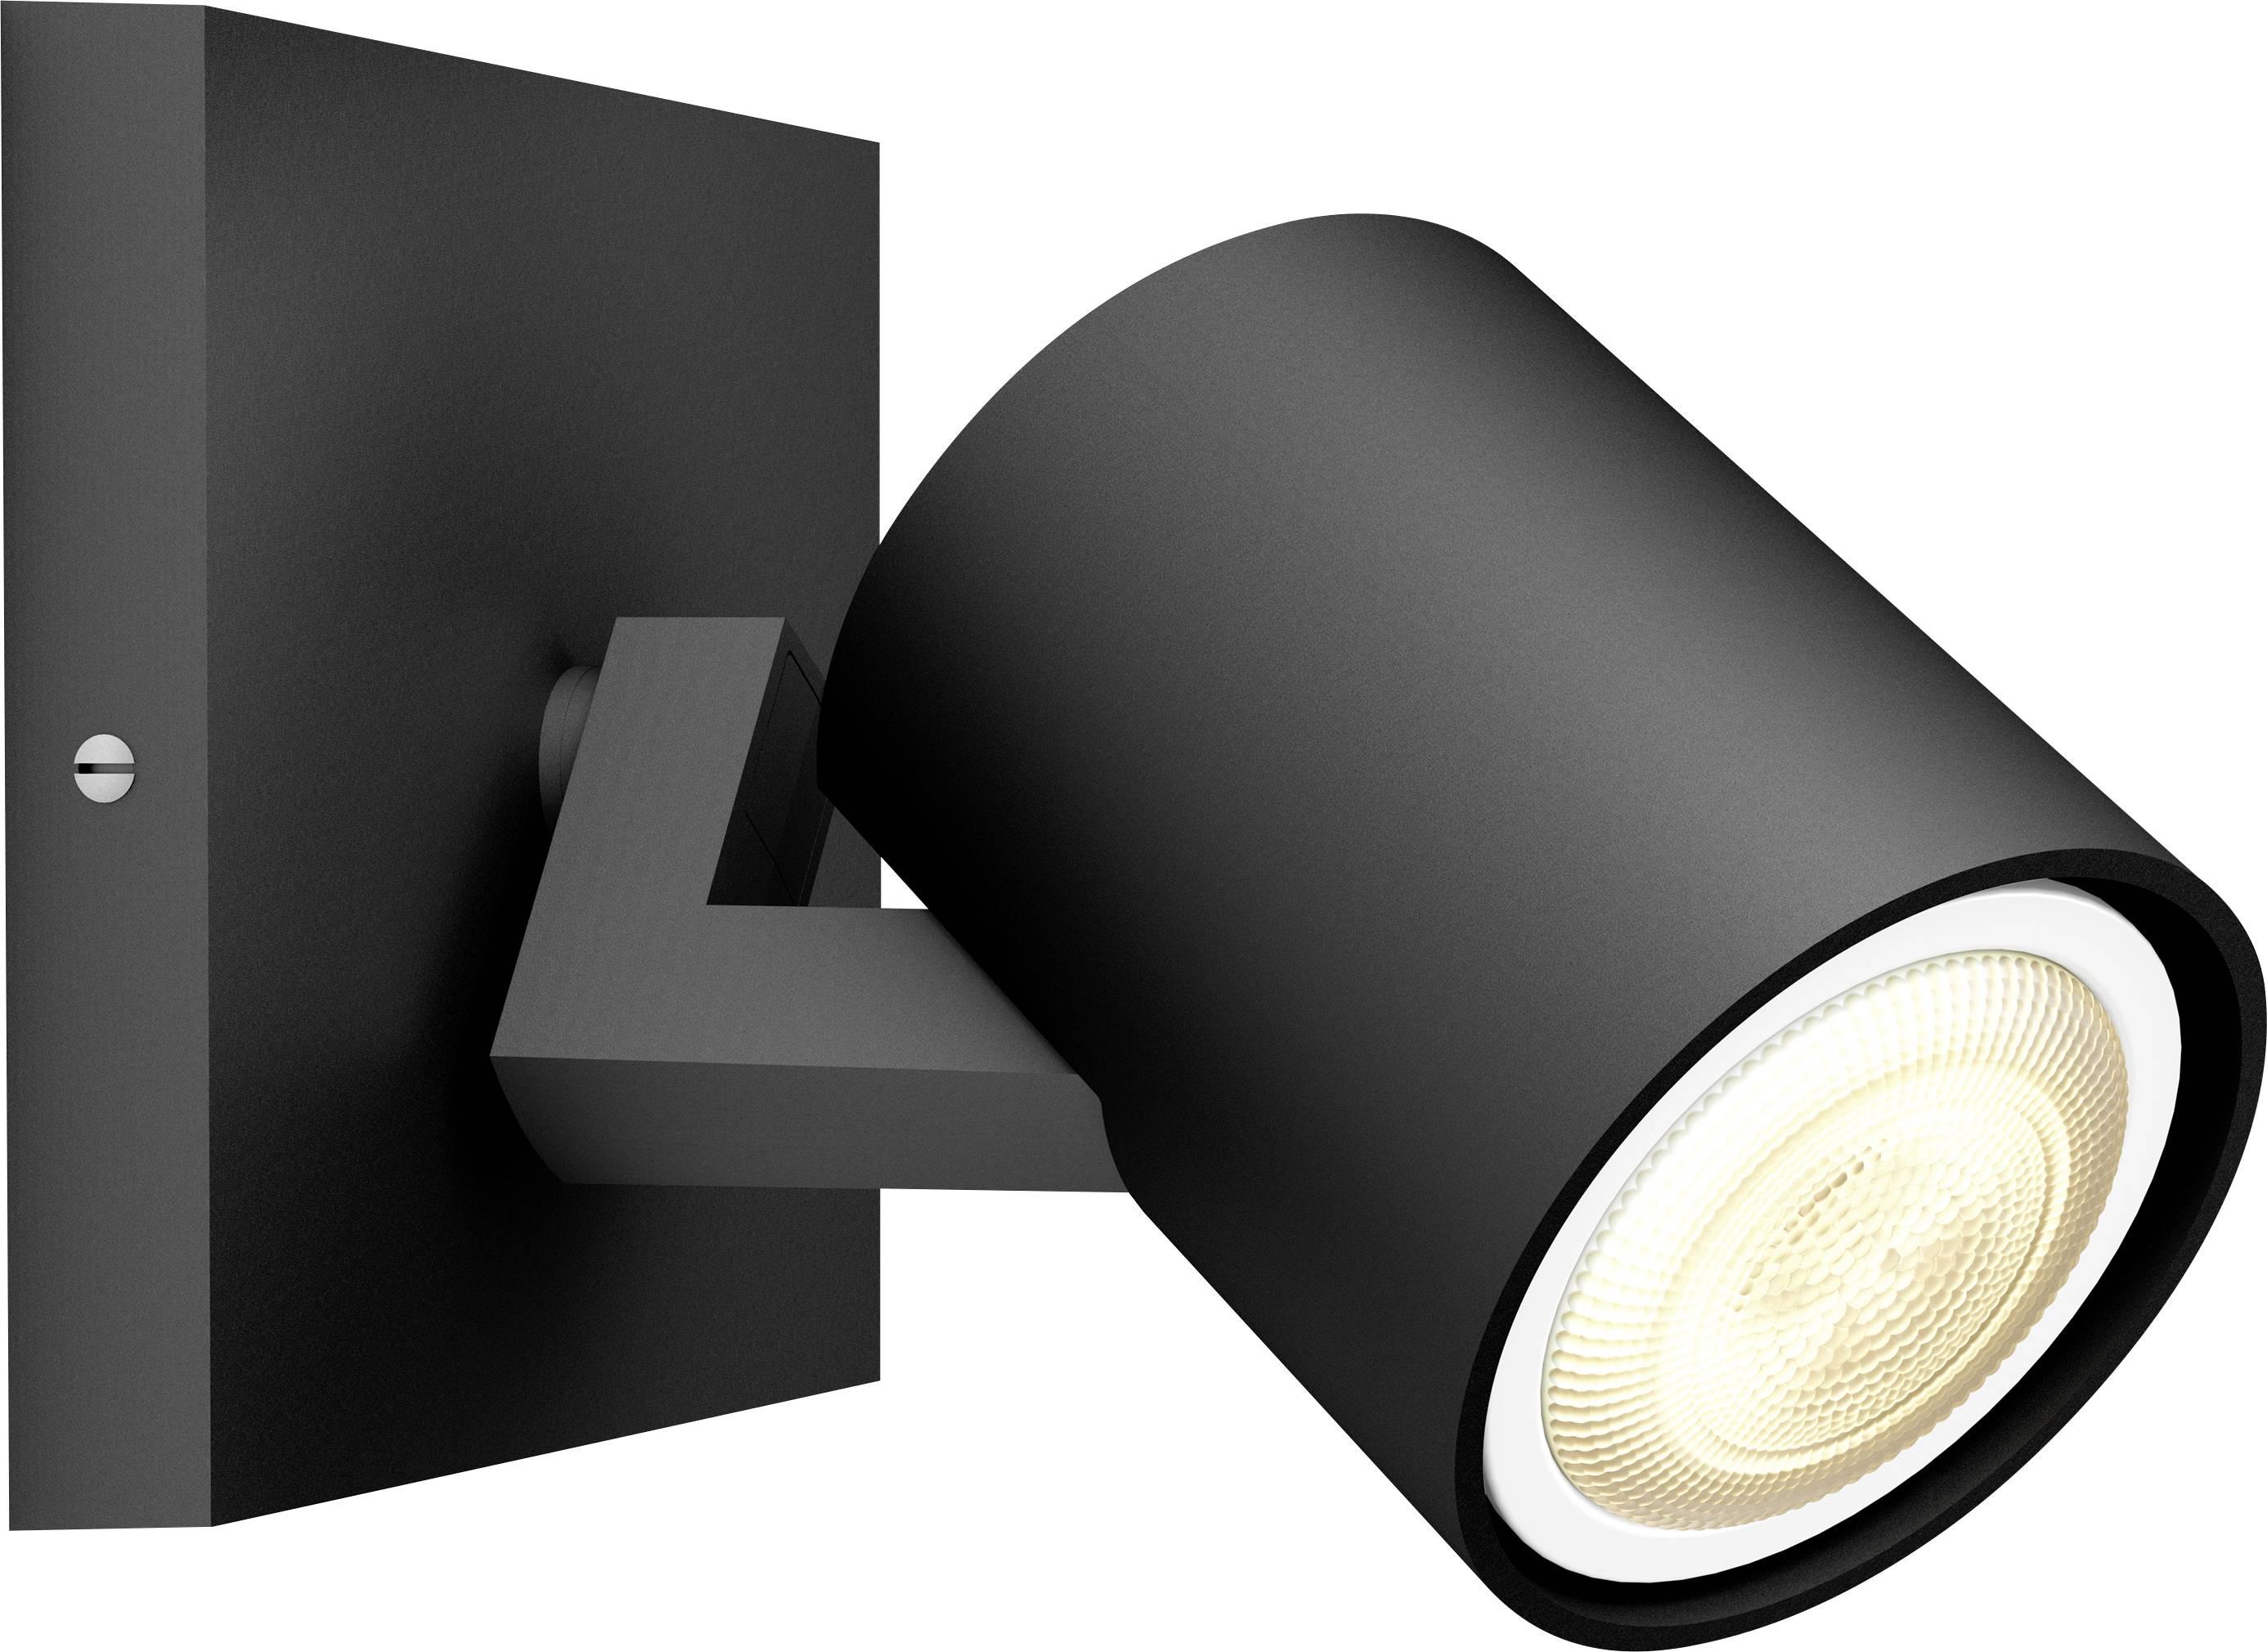 izdelek-philips-lighting-hue-led-stropna-in-stenska-svetilka-runner